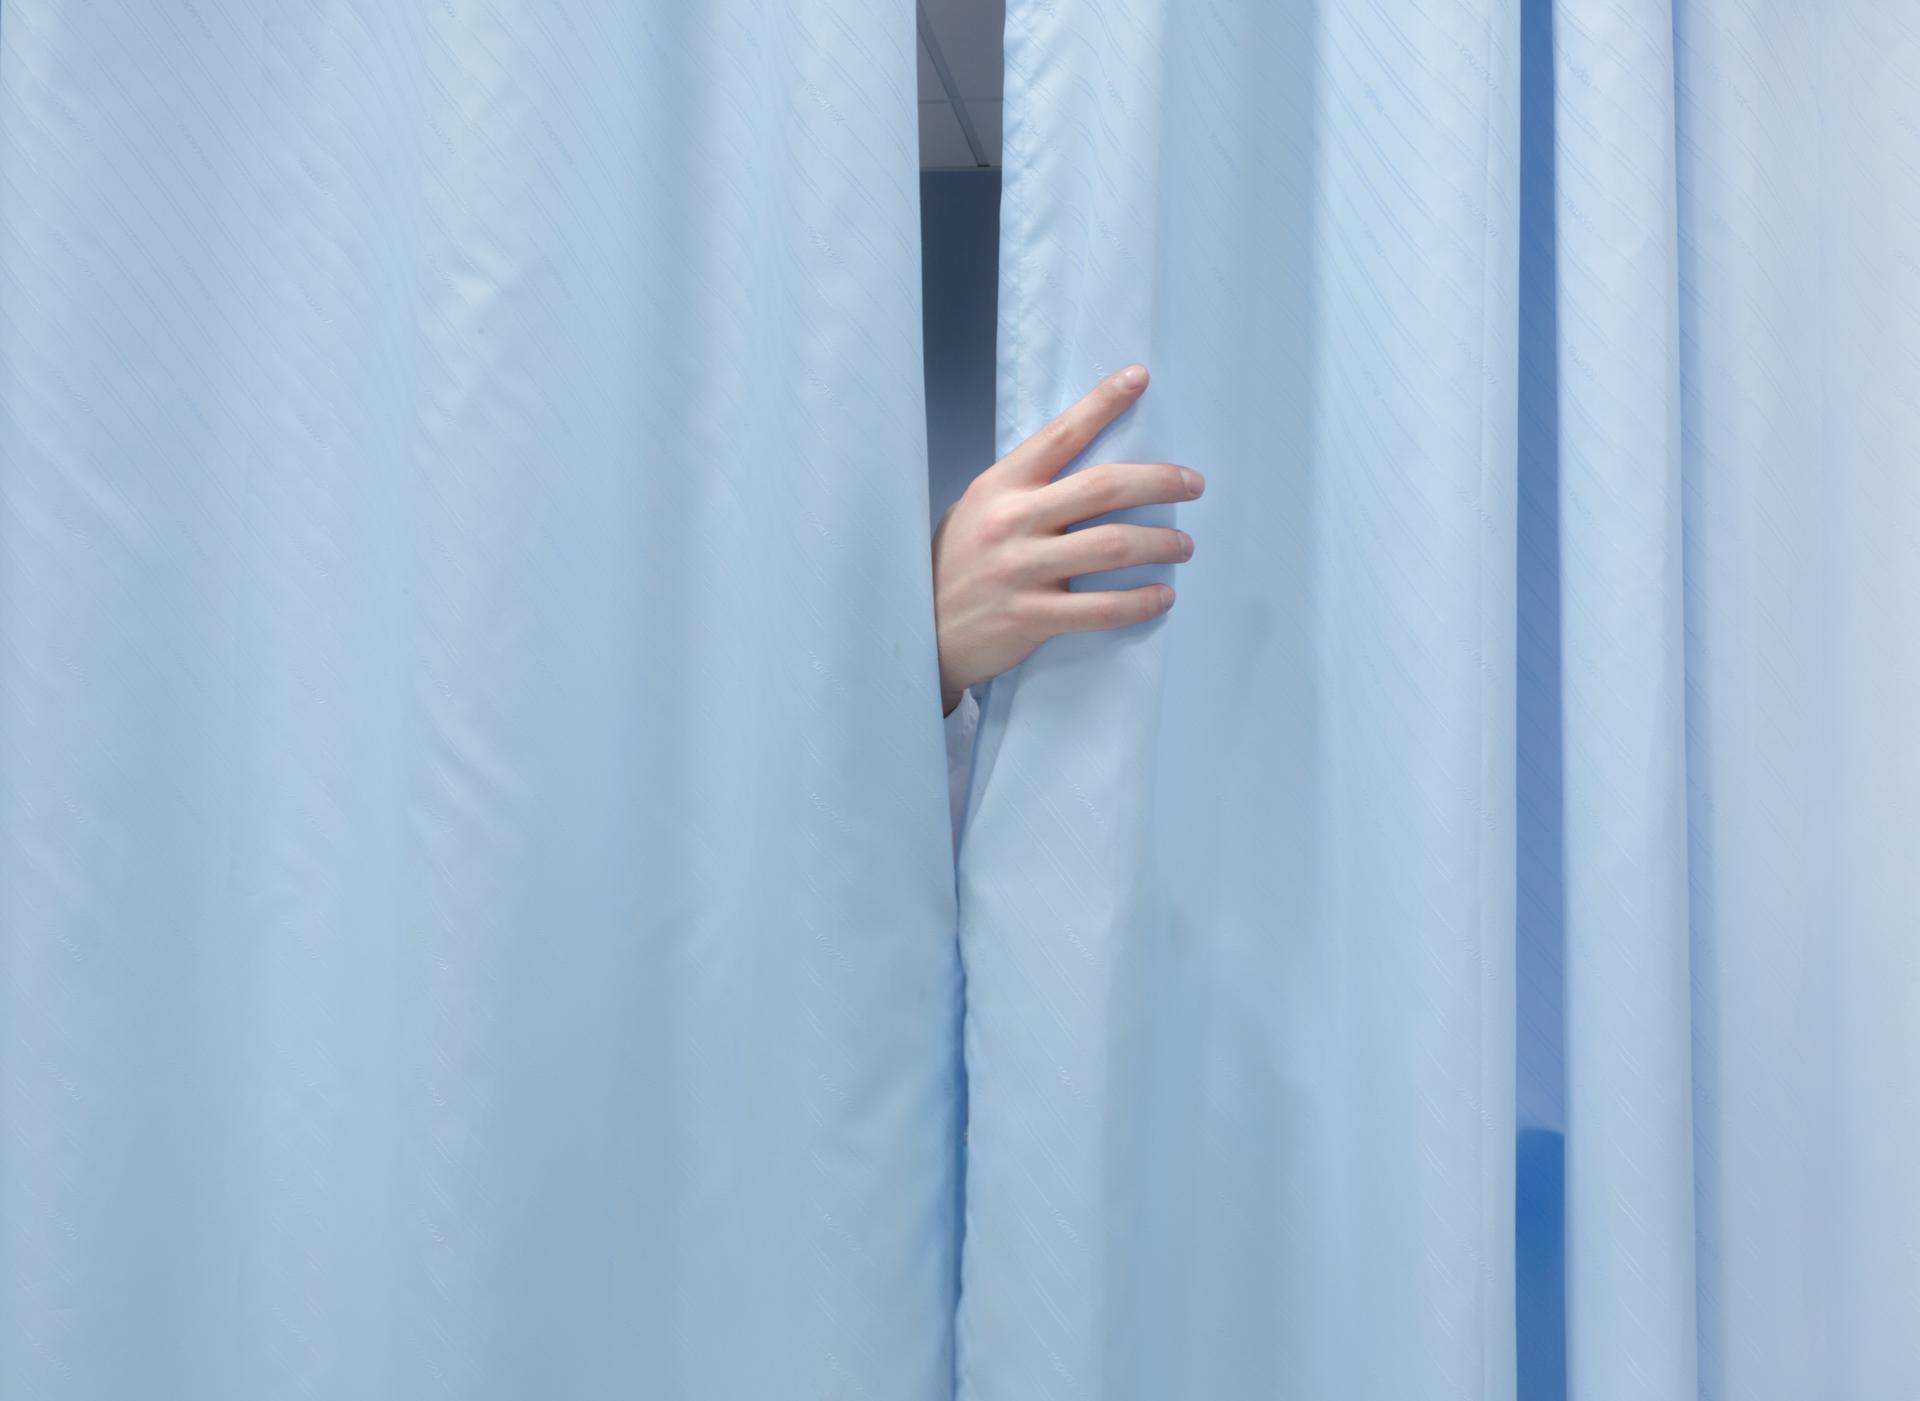 CRITERIA di Giacomo Infantino: ricerca e malattia, una nuova visione 6